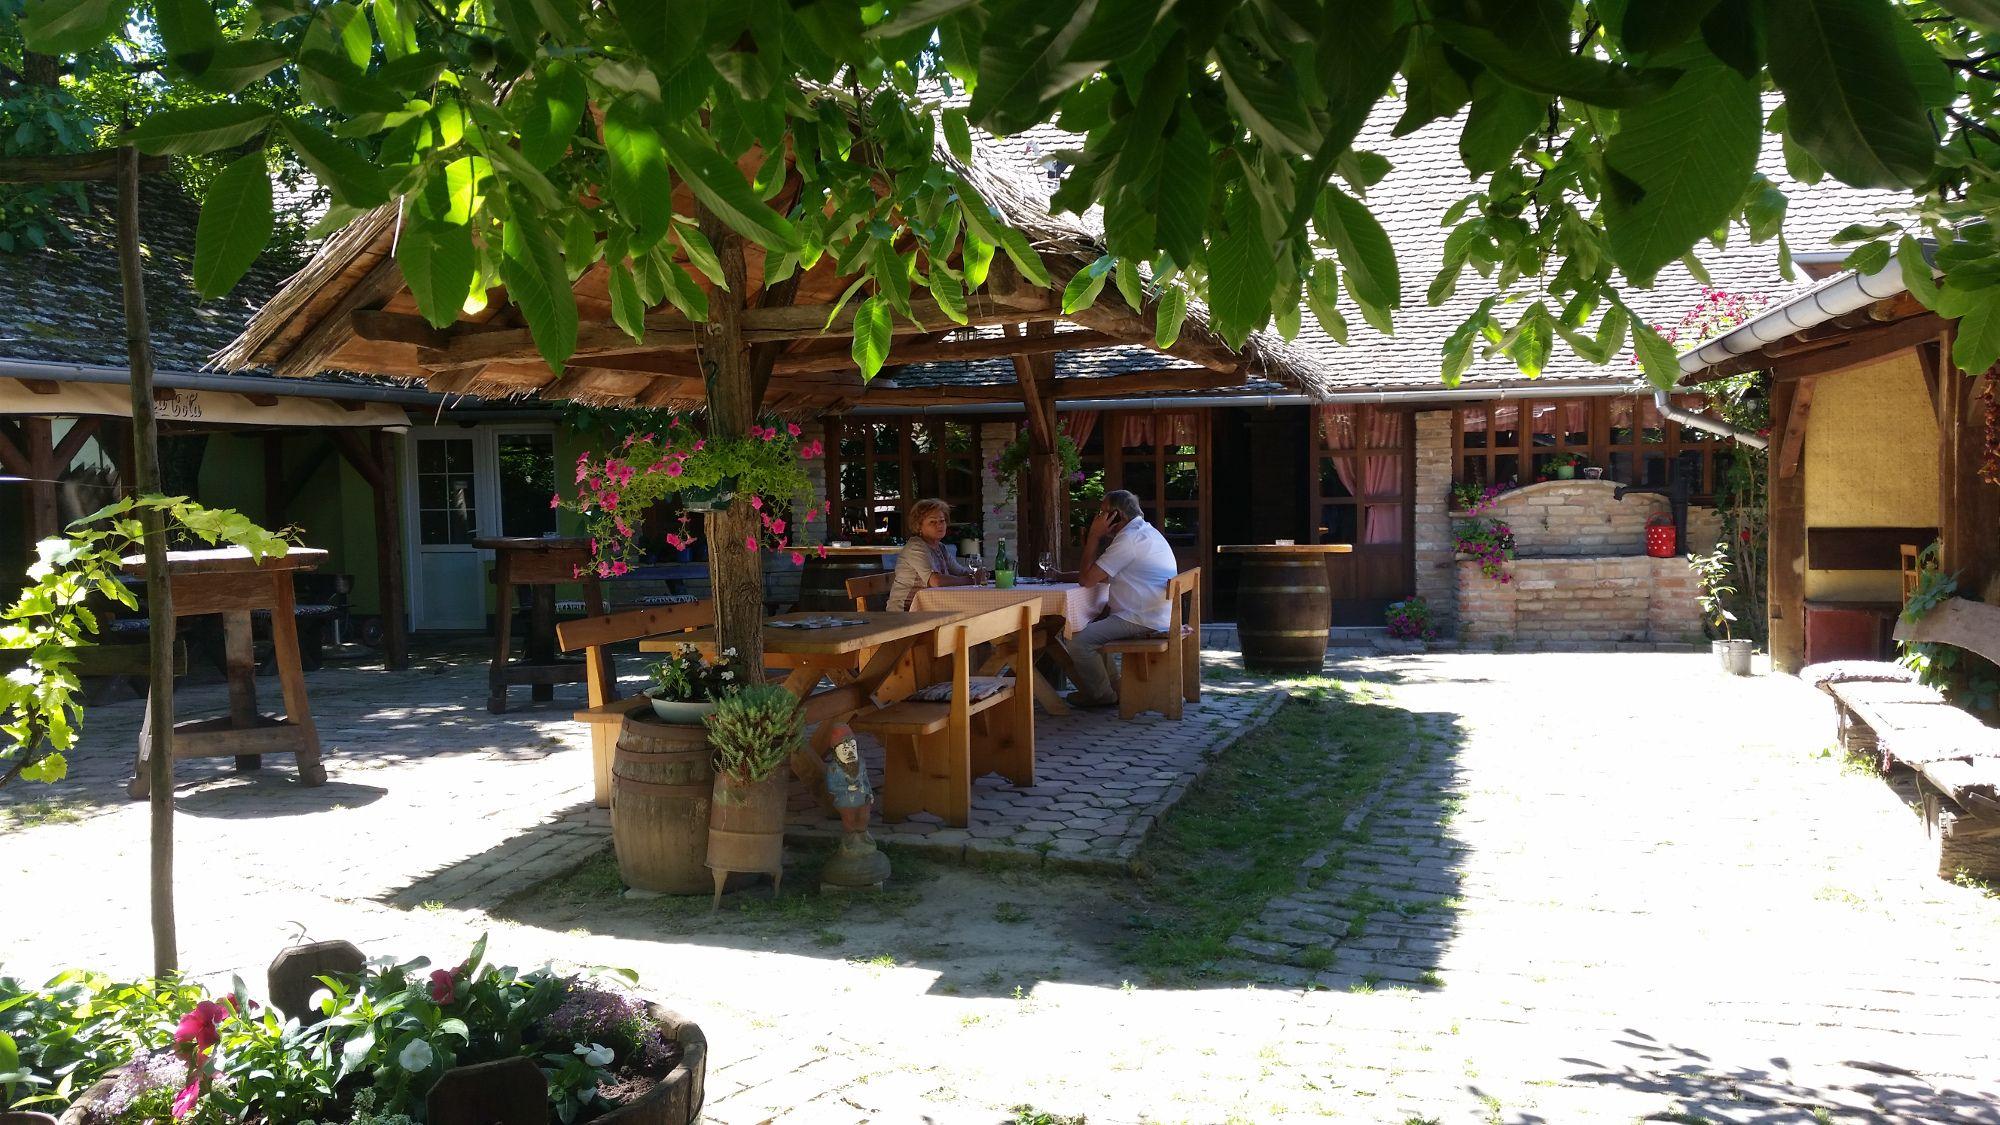 Baranjska Kuća restaurant